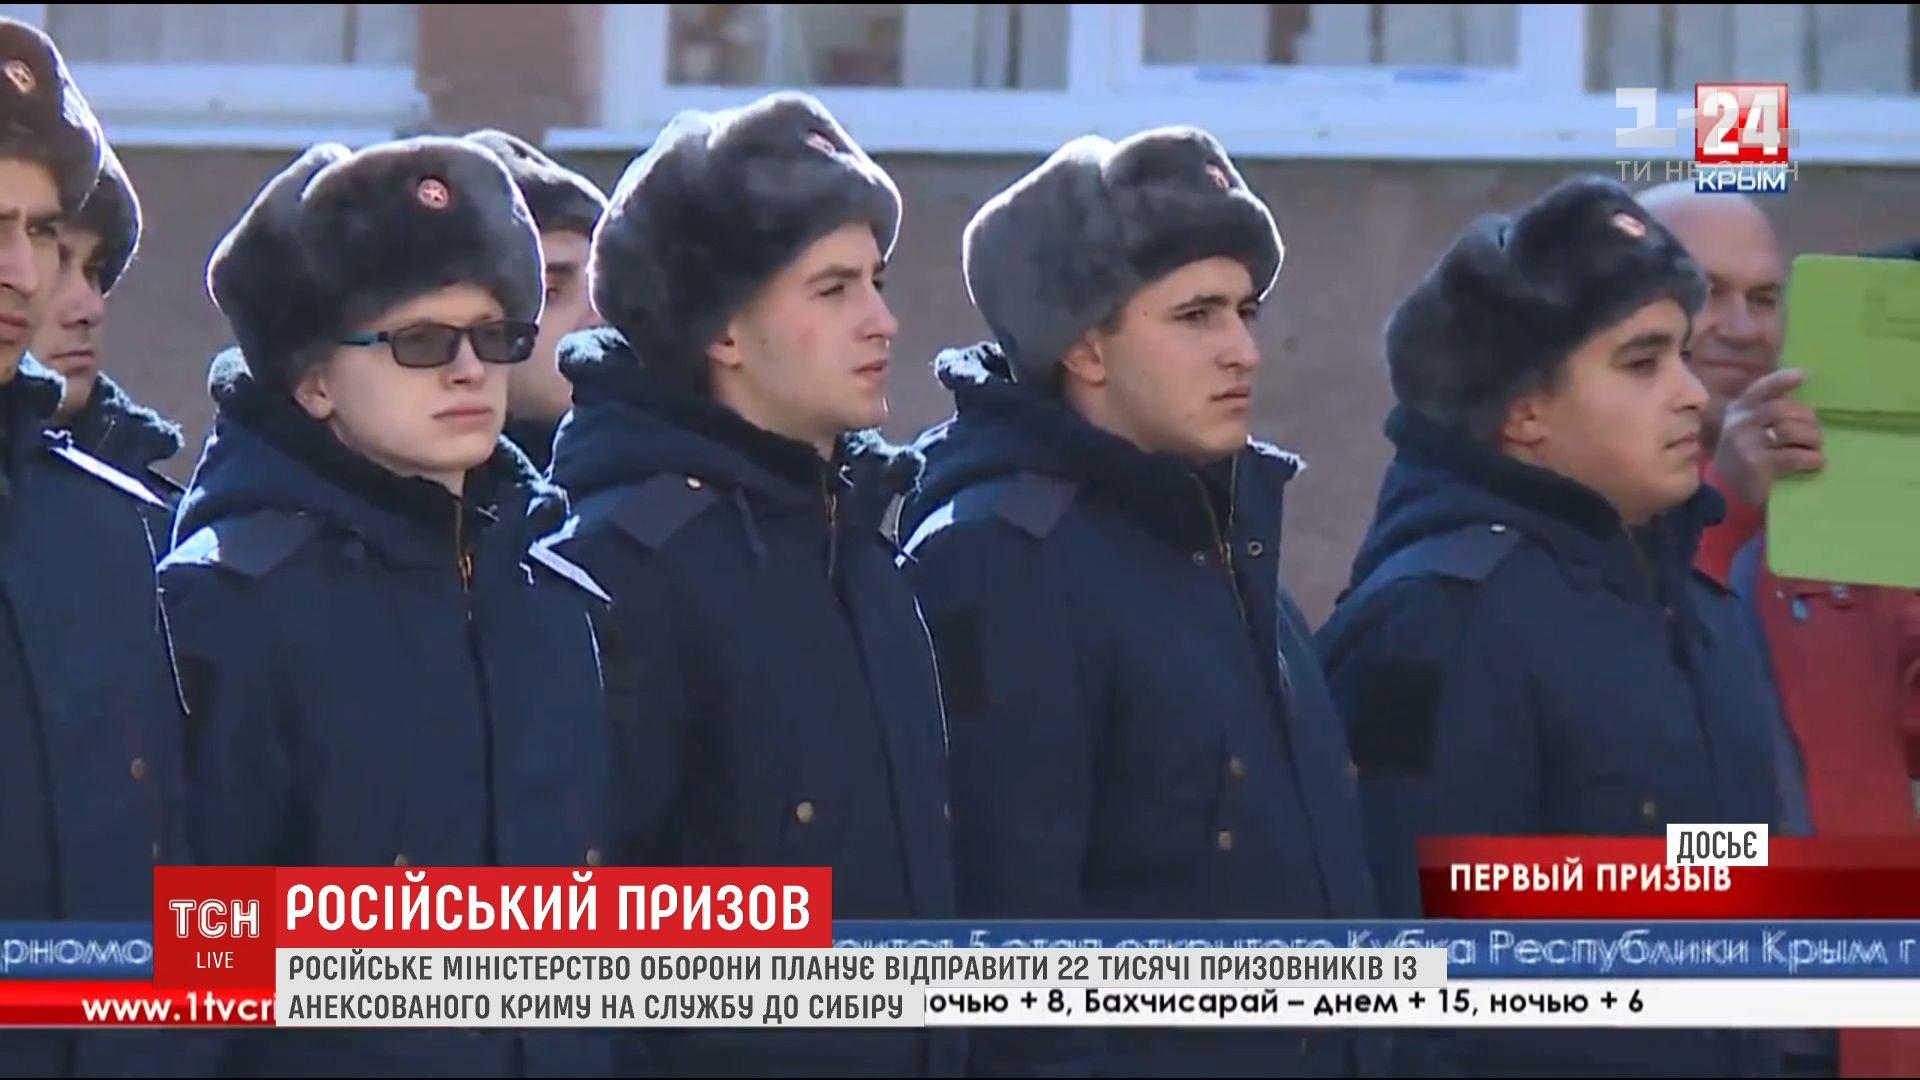 Російська влада незаконно відправляє в Сибір новобранців з окупованого Криму /